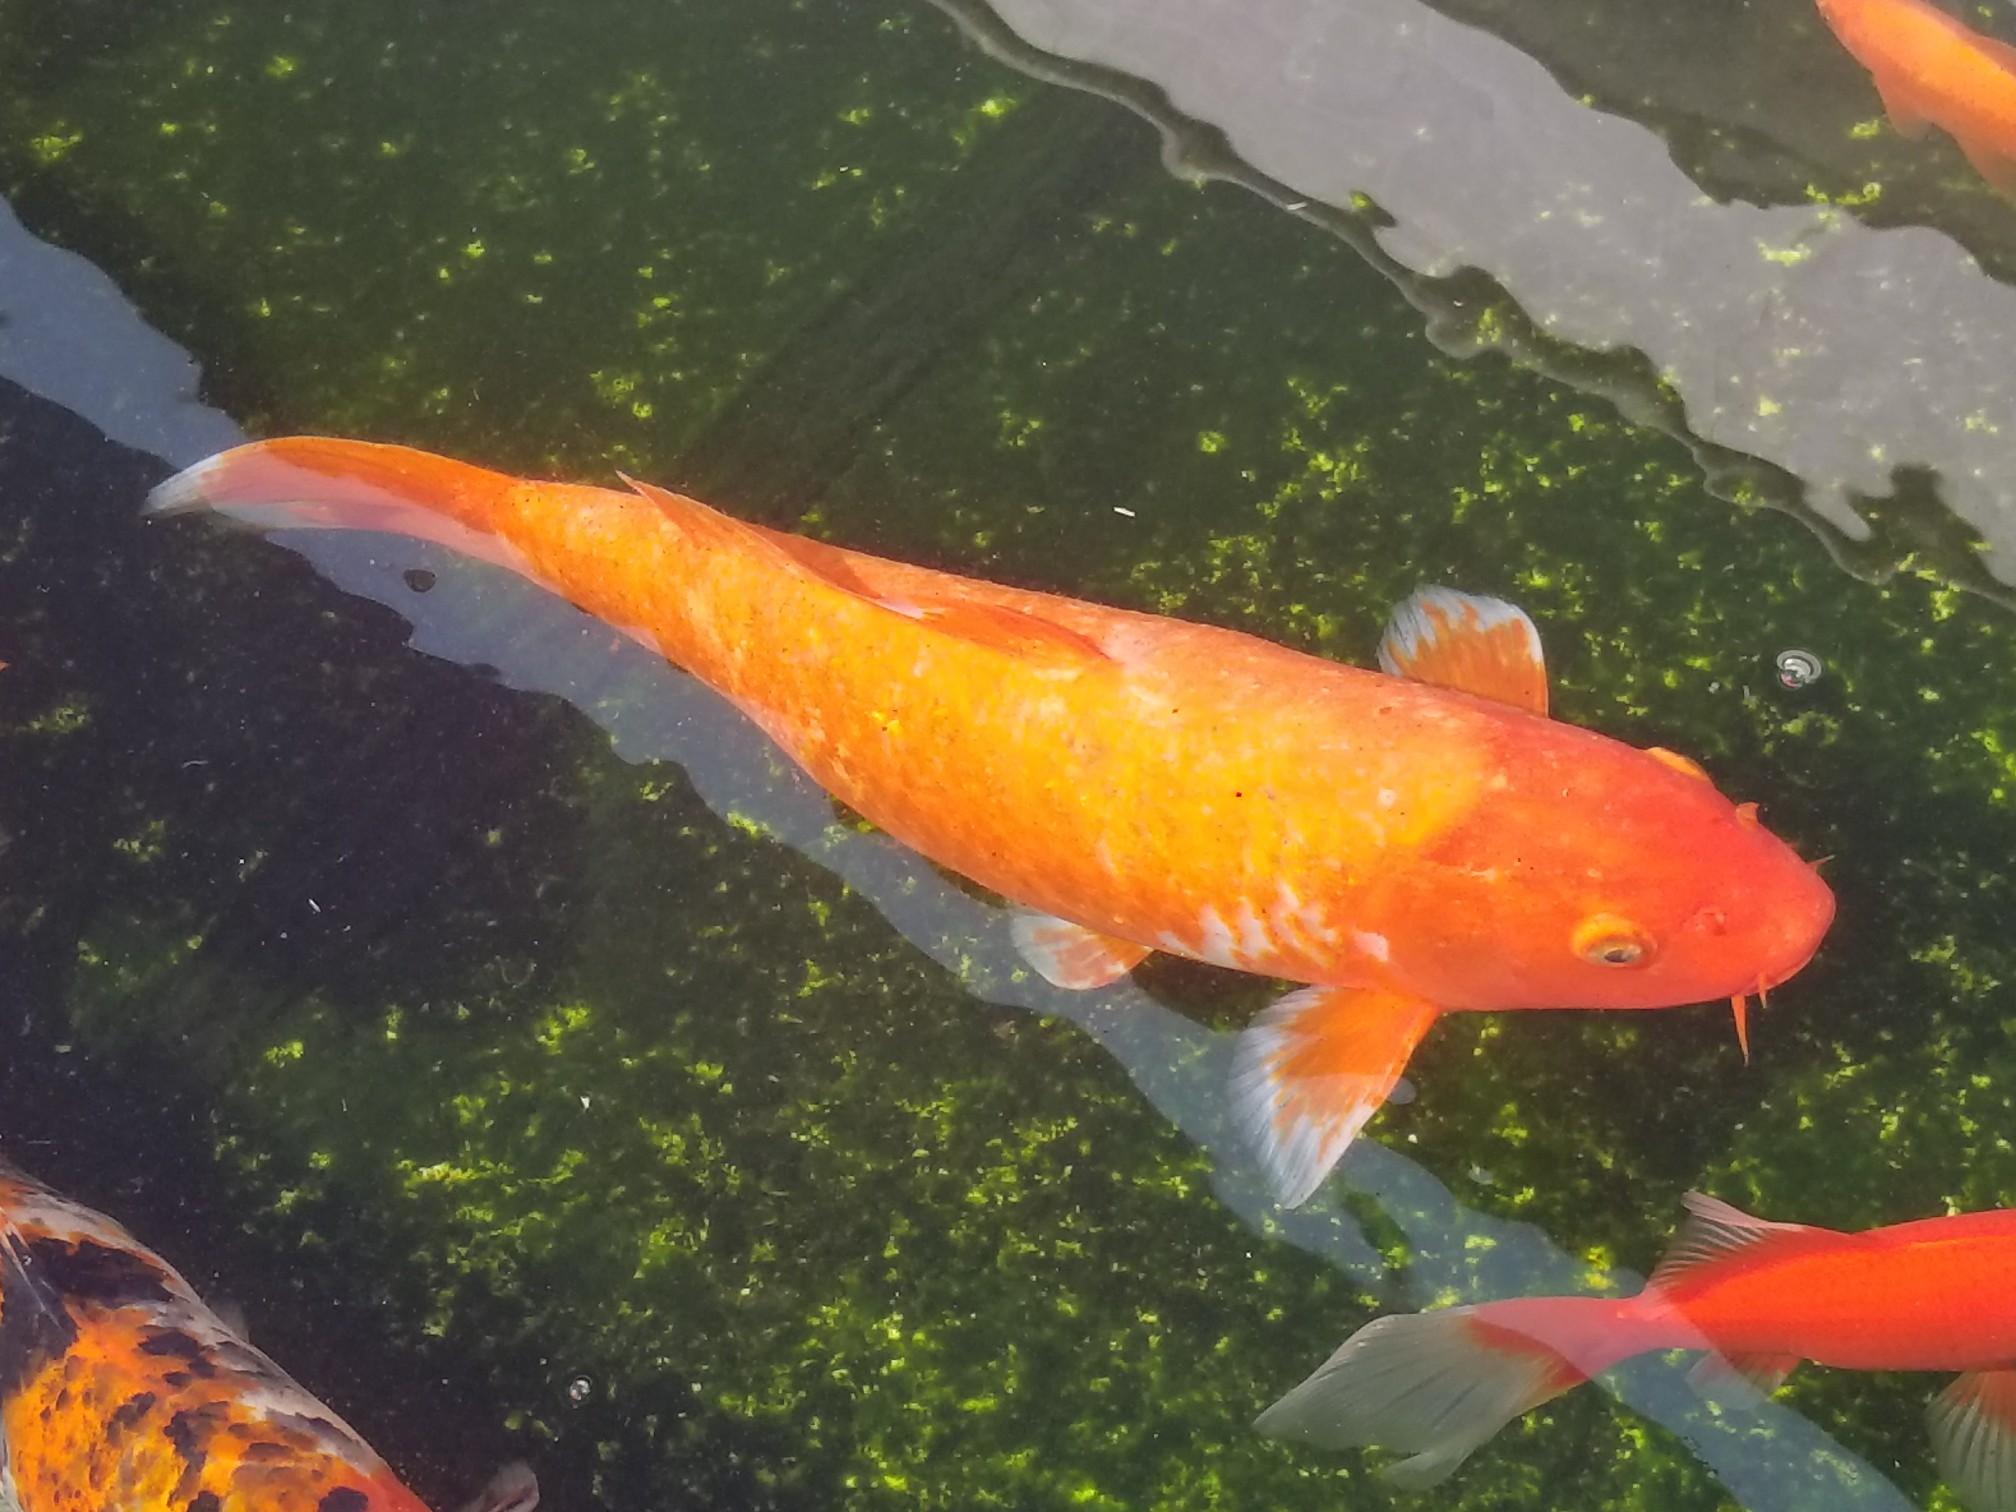 【西安海水鱼批发】咋整一直好不了 西安观赏鱼信息 西安博特第1张